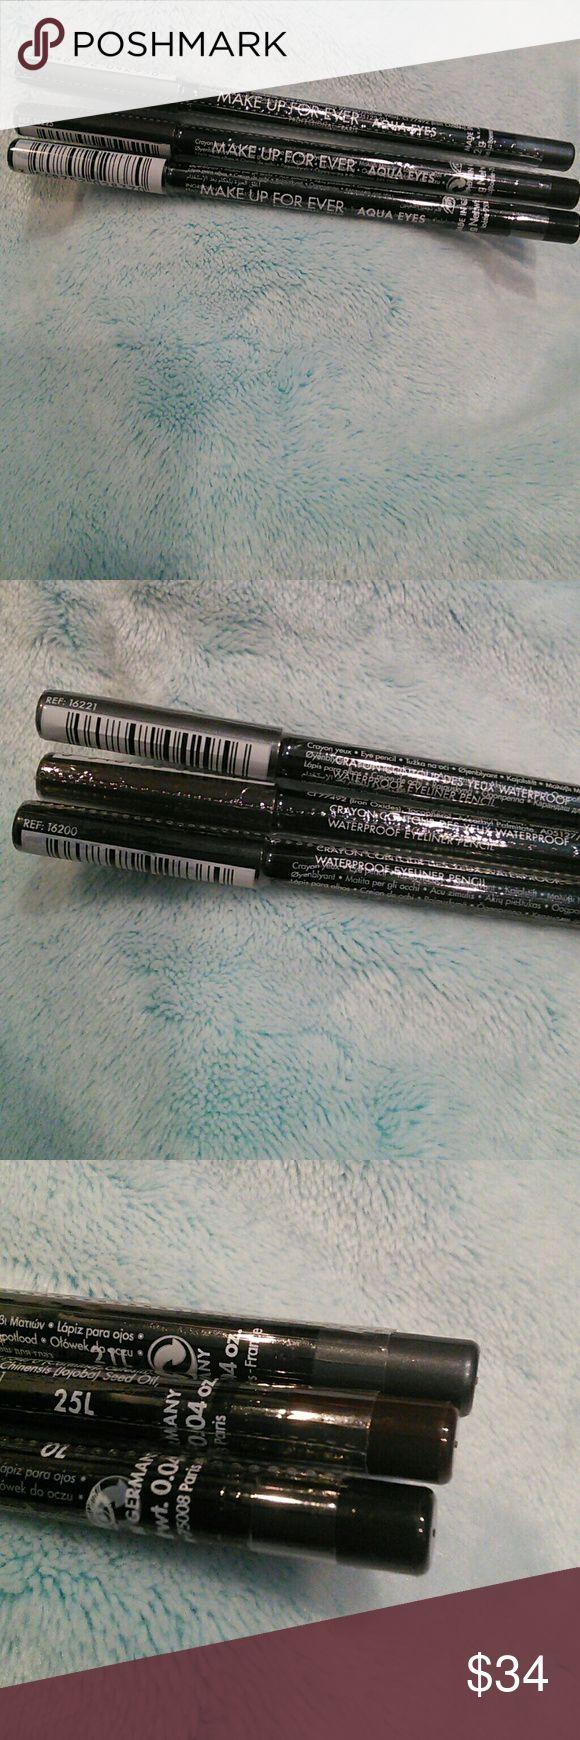 3 NEW Makeup Forever Waterproof Eyeliner Pencils Brand new in original packaging  Waterproof Eyeliner Pencils  Comes with: Black Grey Dark brown  *NO TRADES!!* Makeup Forever Makeup Eyeliner